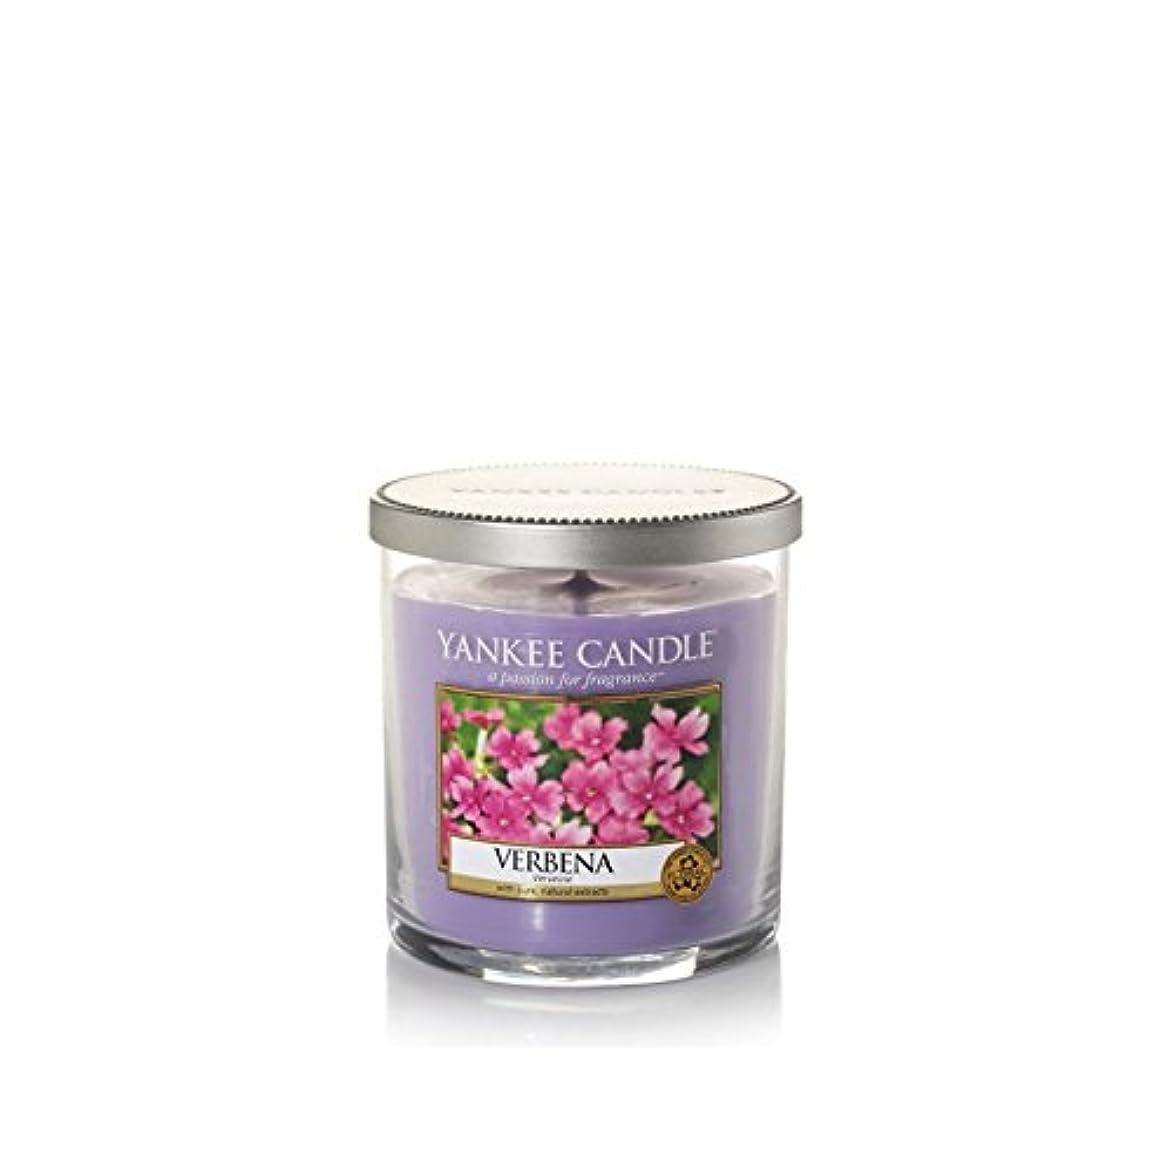 予感荒らす神経衰弱Yankee Candles Small Pillar Candle - Verbena (Pack of 2) - ヤンキーキャンドルの小さな柱キャンドル - バーベナ (x2) [並行輸入品]